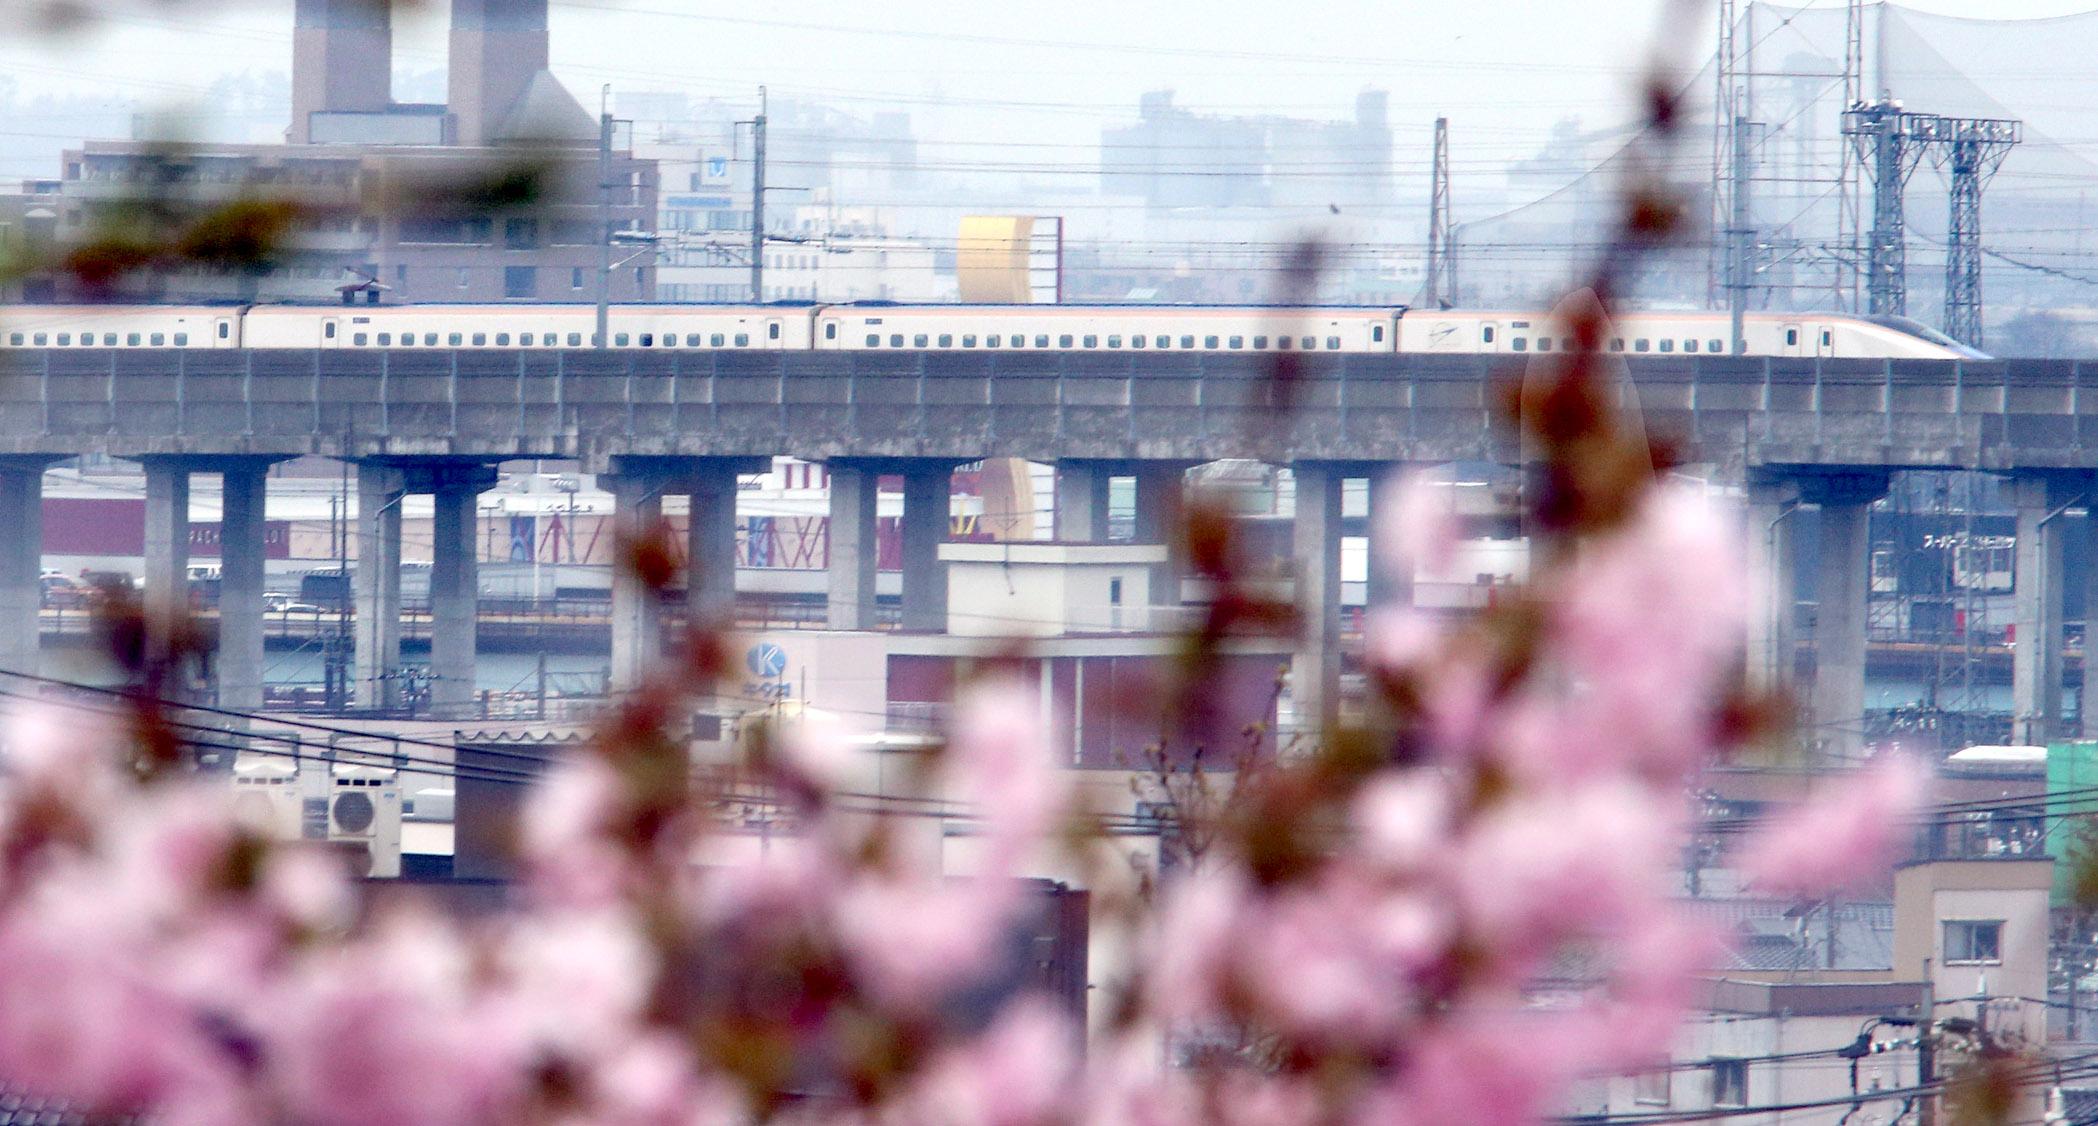 散り始めた桜越しに望む北陸新幹線=金沢市大樋町